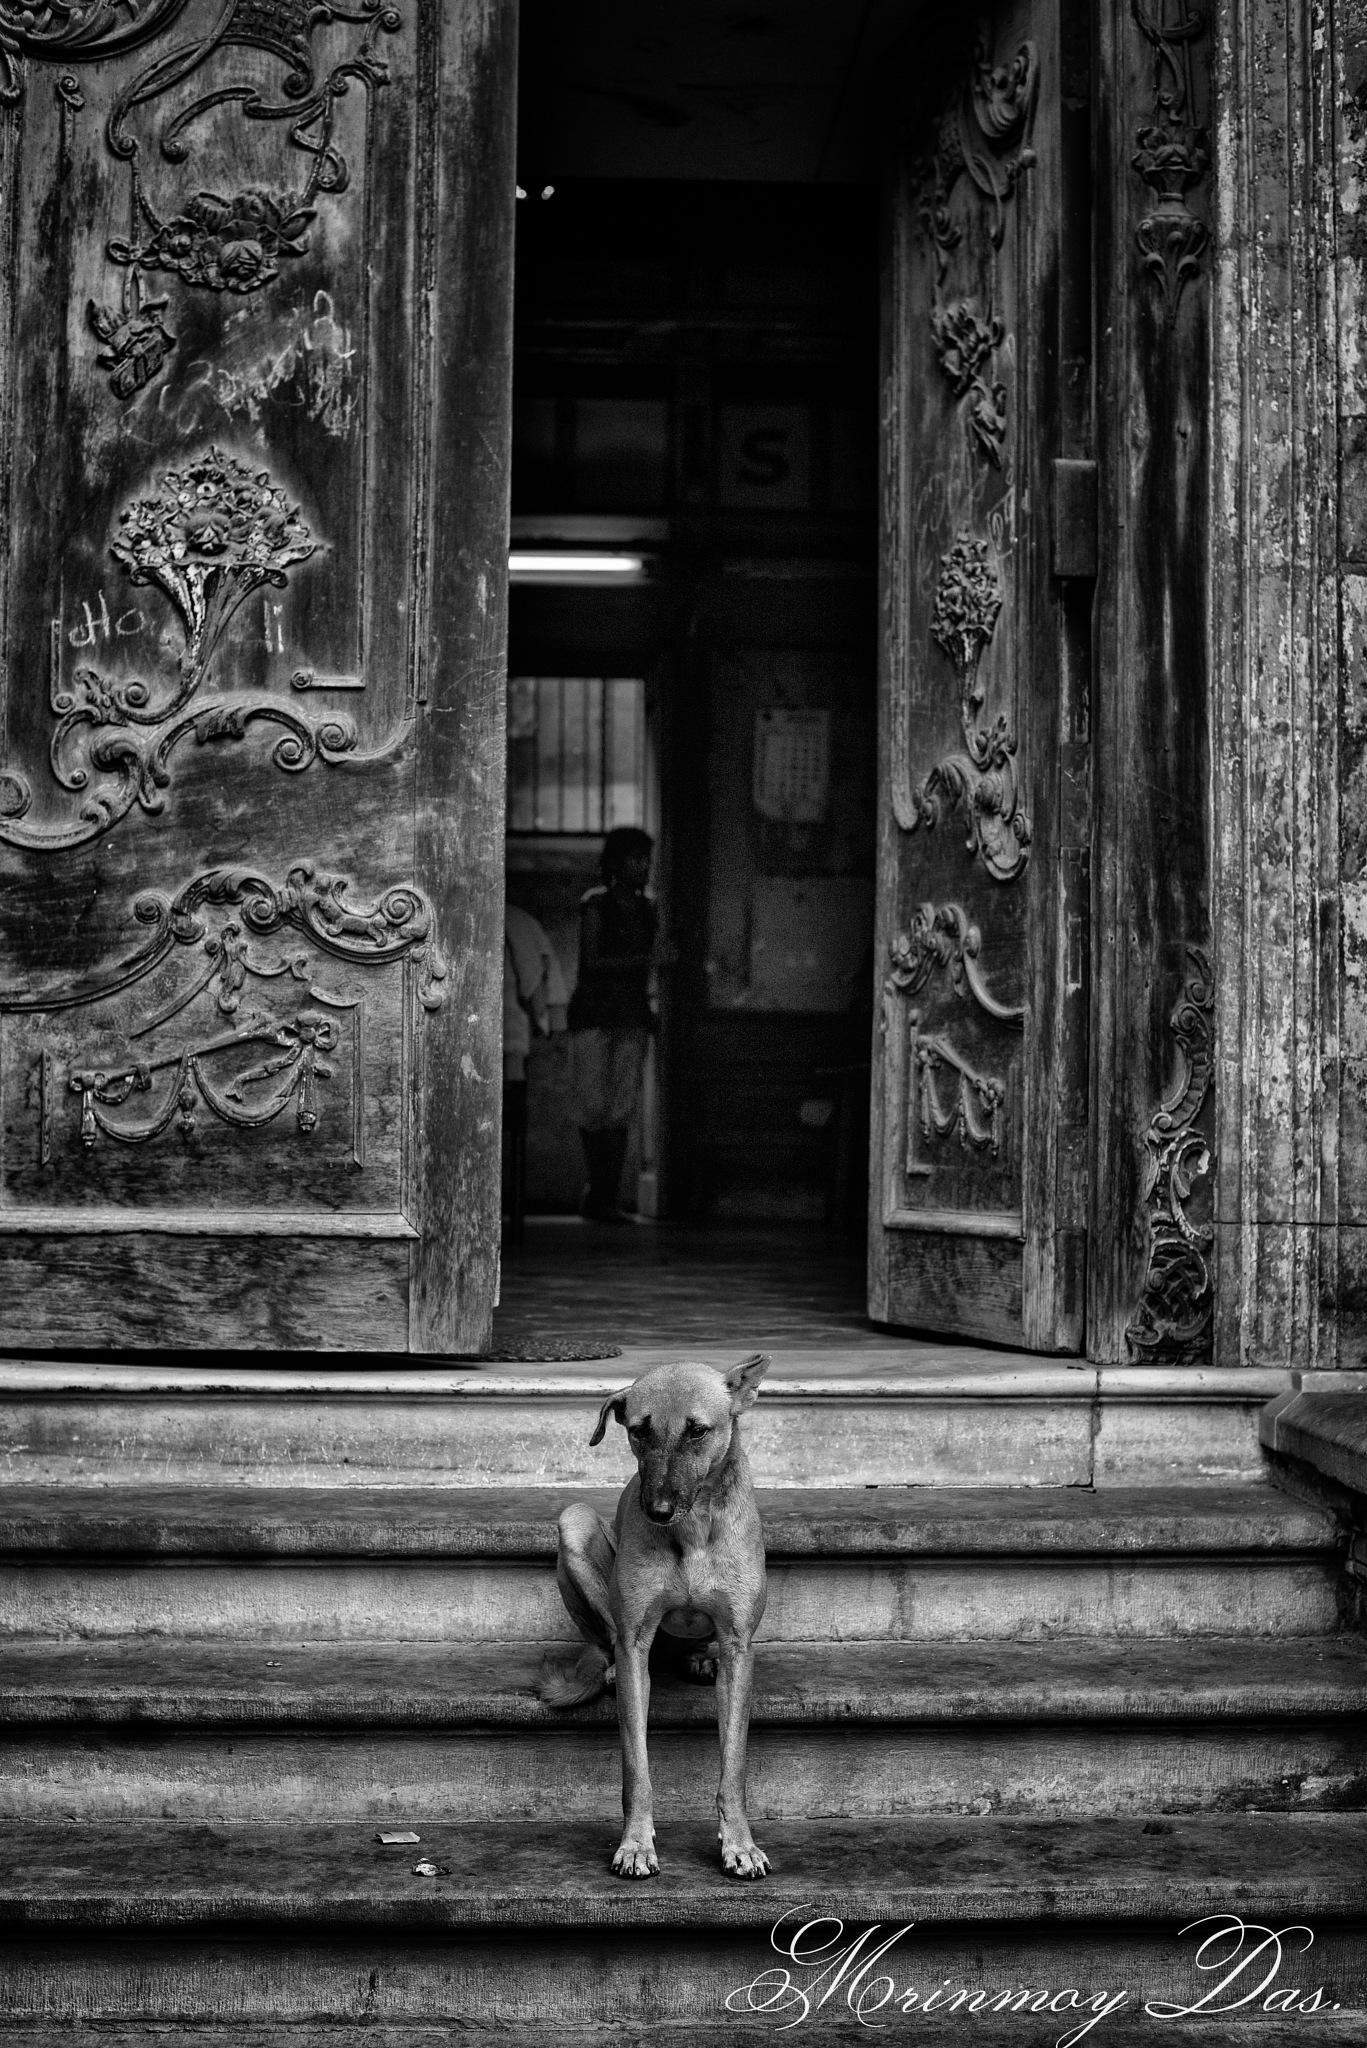 The door by Mrinmoy Das